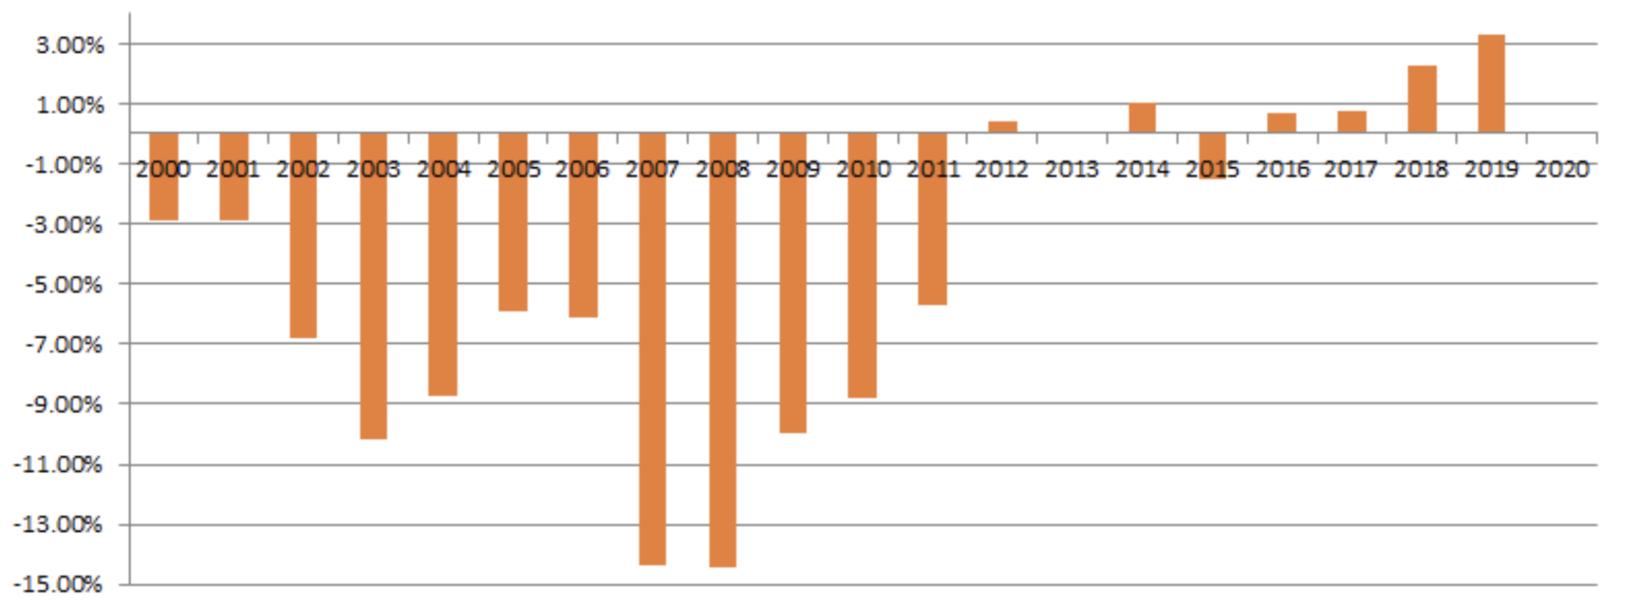 Cán cân thương mại Việt Nam chỉ đạt thặng dư liên tiếp trong 4 năm gần đây, một phần nhờ hưởng lợi từ thương chiến Mỹ - Trung, trong suốt nhiều thập kỷ, Việt Nam duy trì tình trạng nhập siêu lớn (Thâm hụt hoặc Thặng dư thương mại so với GDP, NTDVN tổng hợp số liệu từ TCTK)